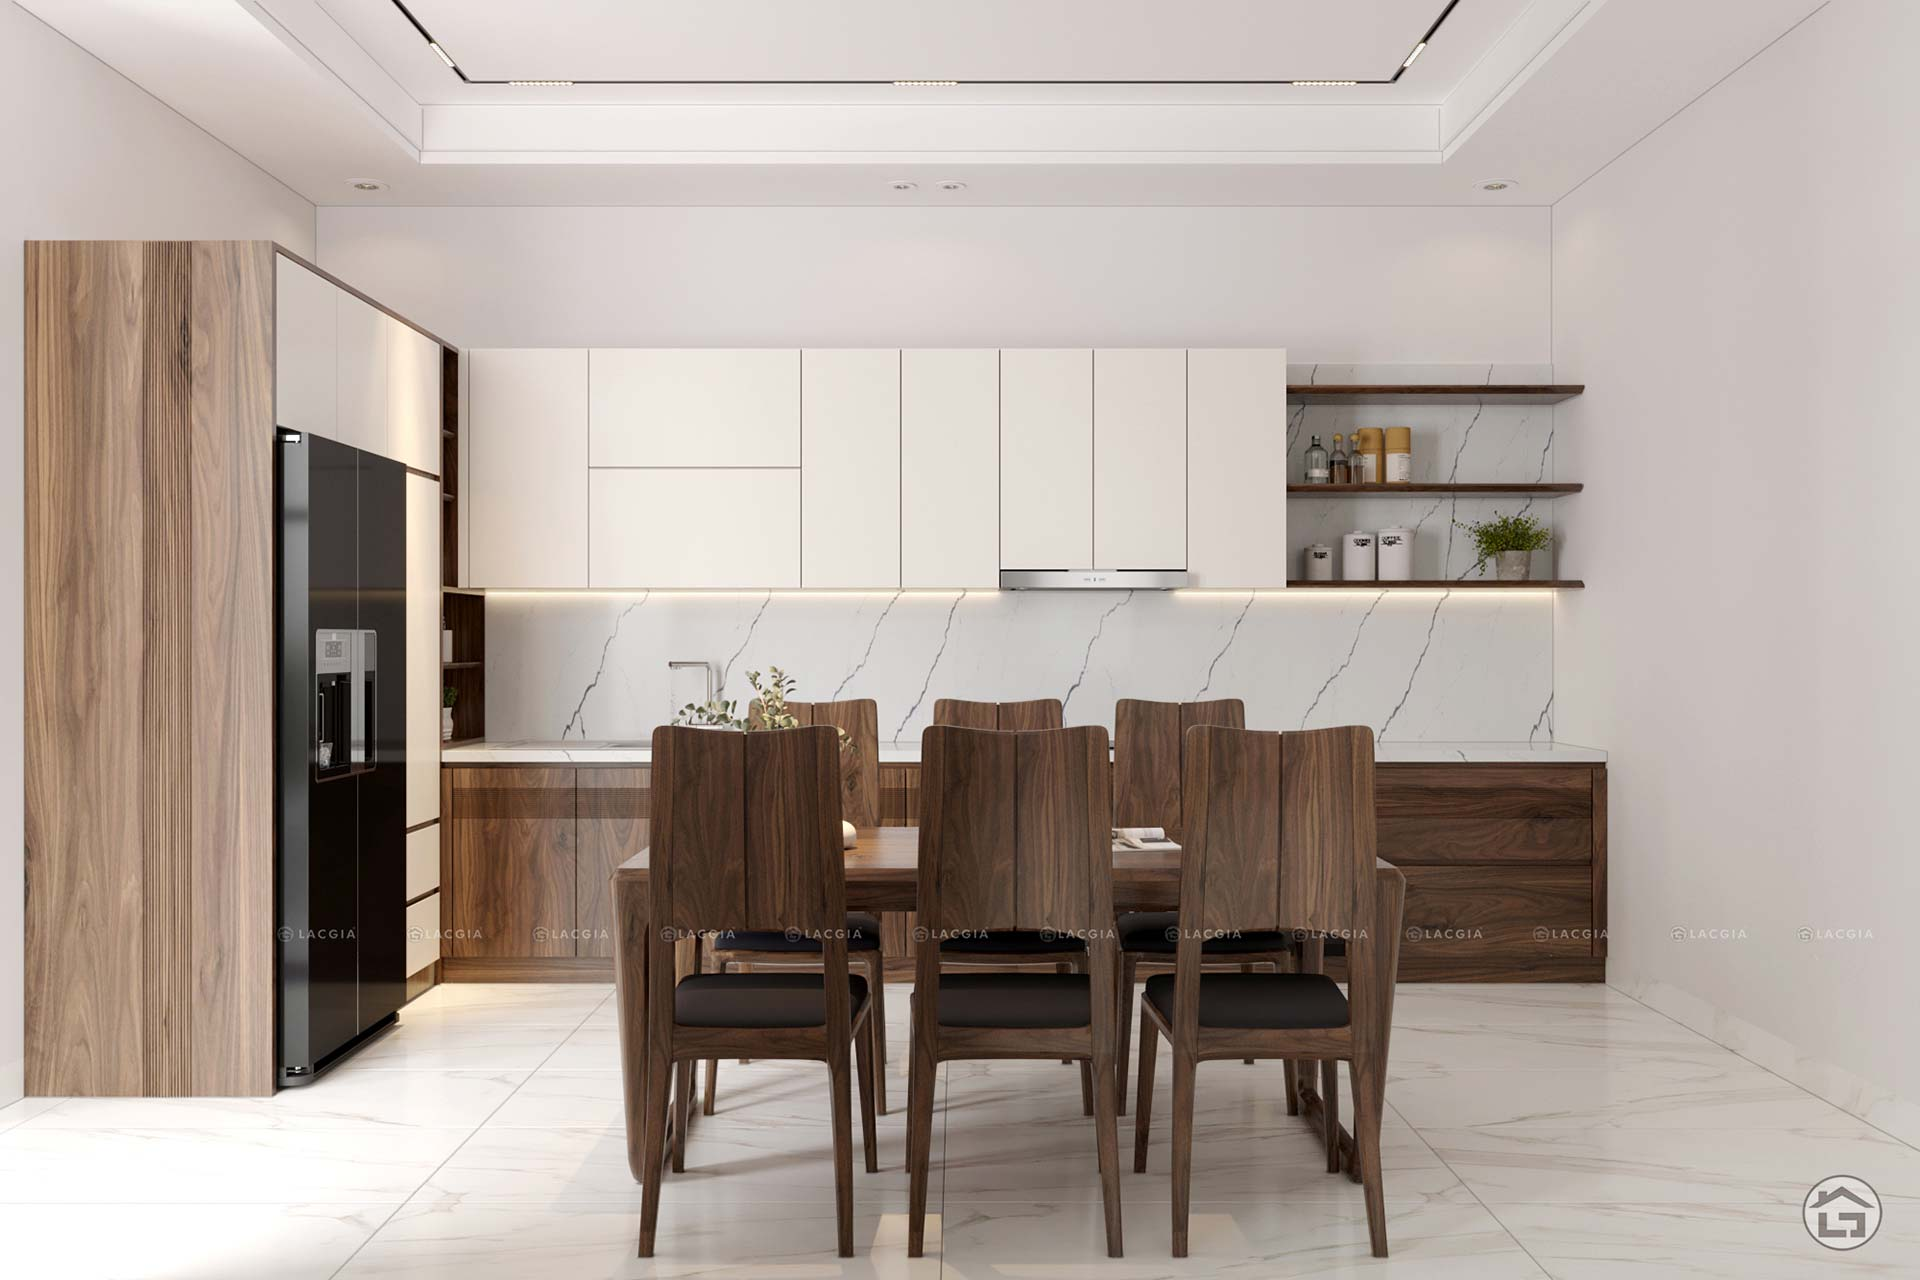 Màu sáng như trắng là sự lựa chọn hoàn hảo để tạo thêm không gian cho căn bếp nhỏ hẹp